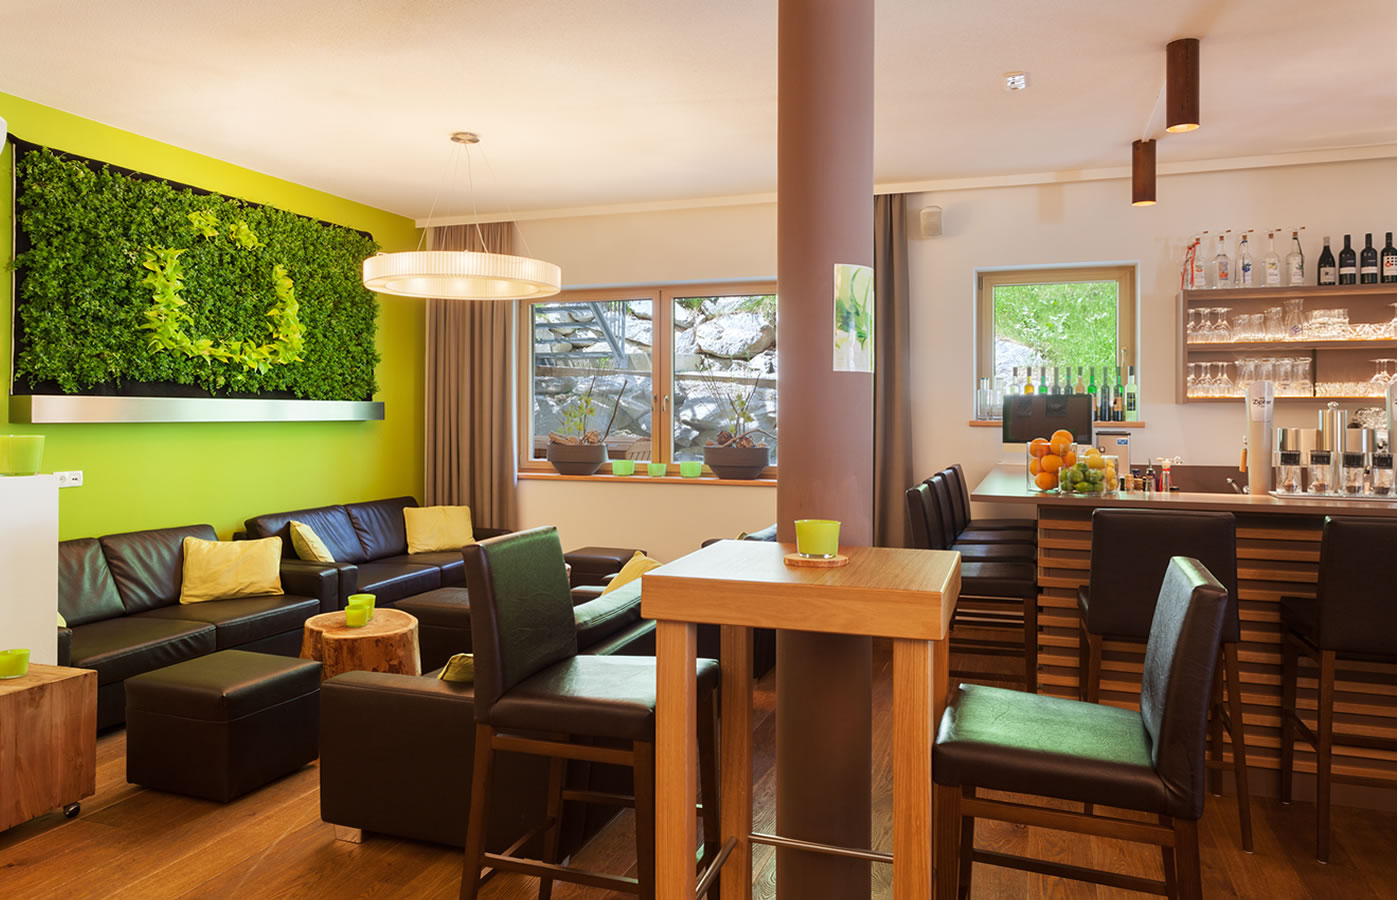 Hotelbar und Lounge im Natürlich. 4 Sterne Urlaub im Sommer.